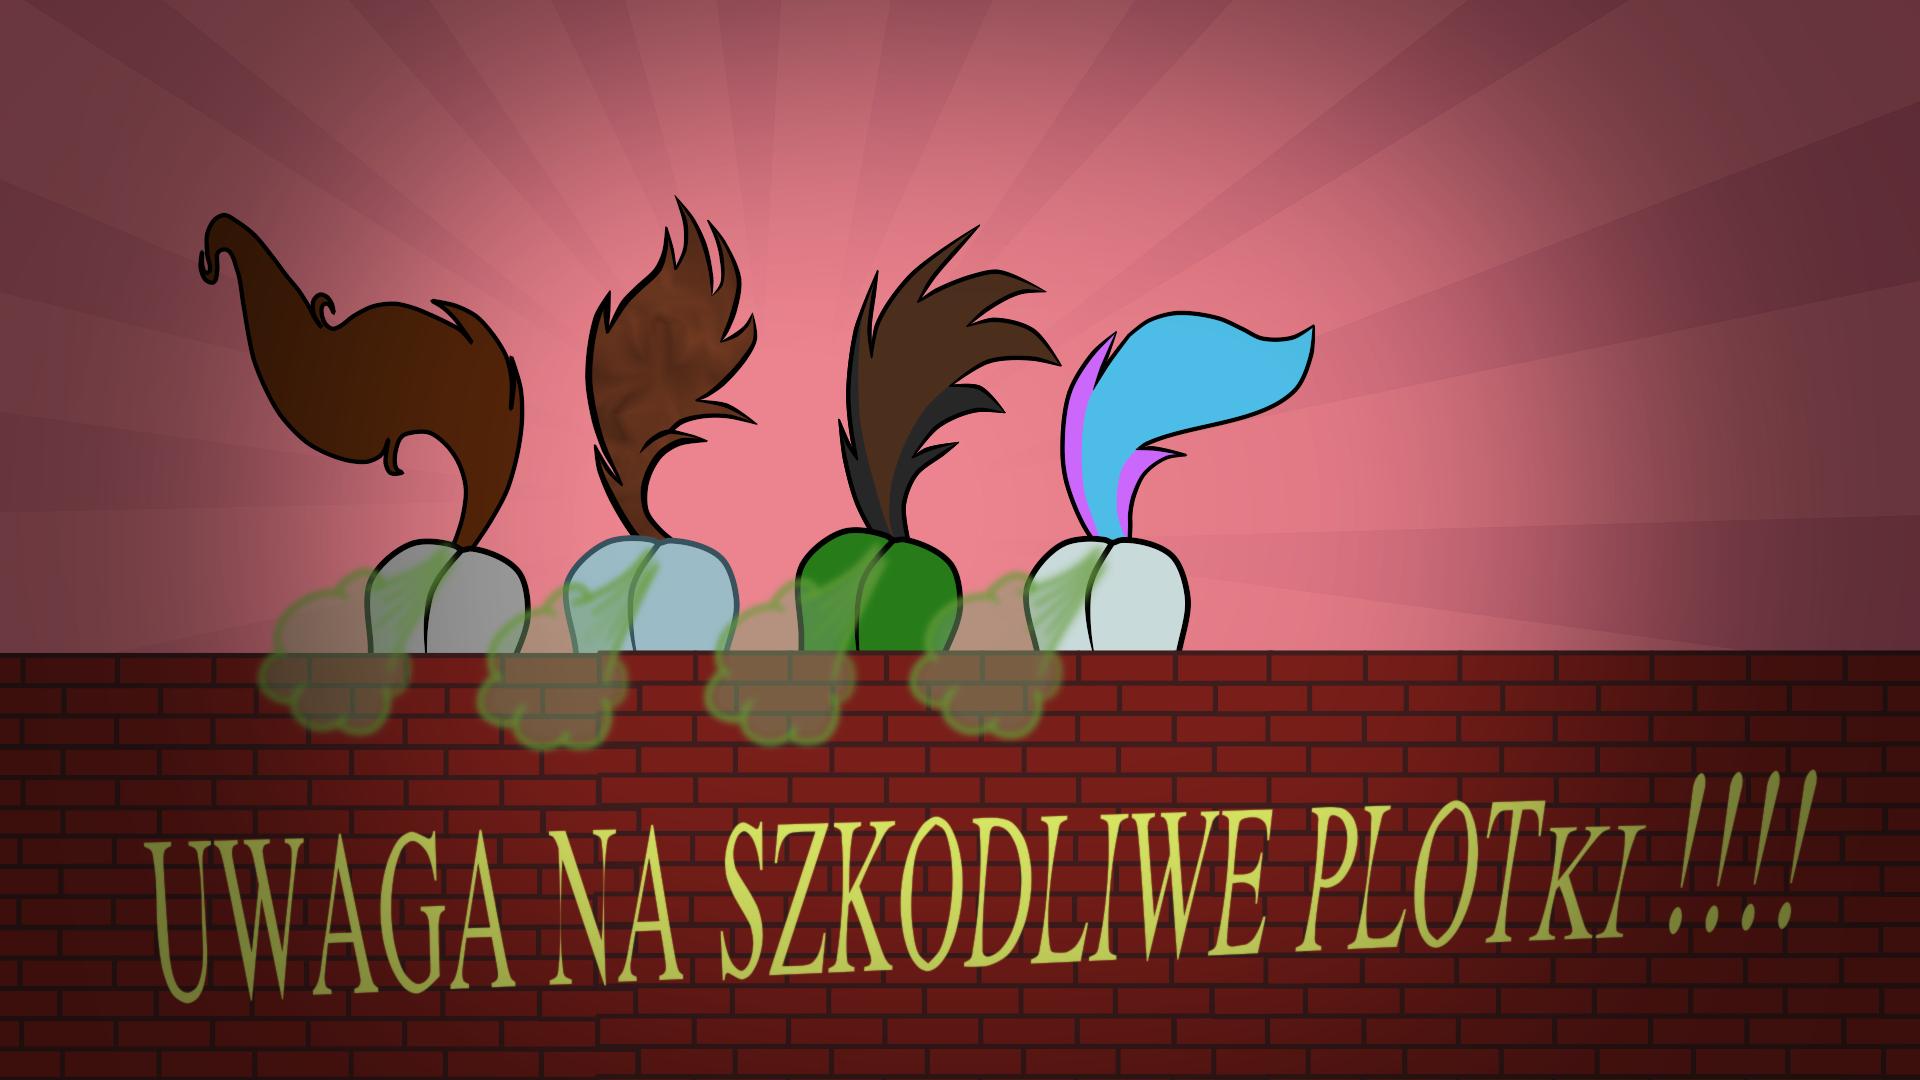 uwaga_na_szkodliwe_plotki_by_doktorwhoov